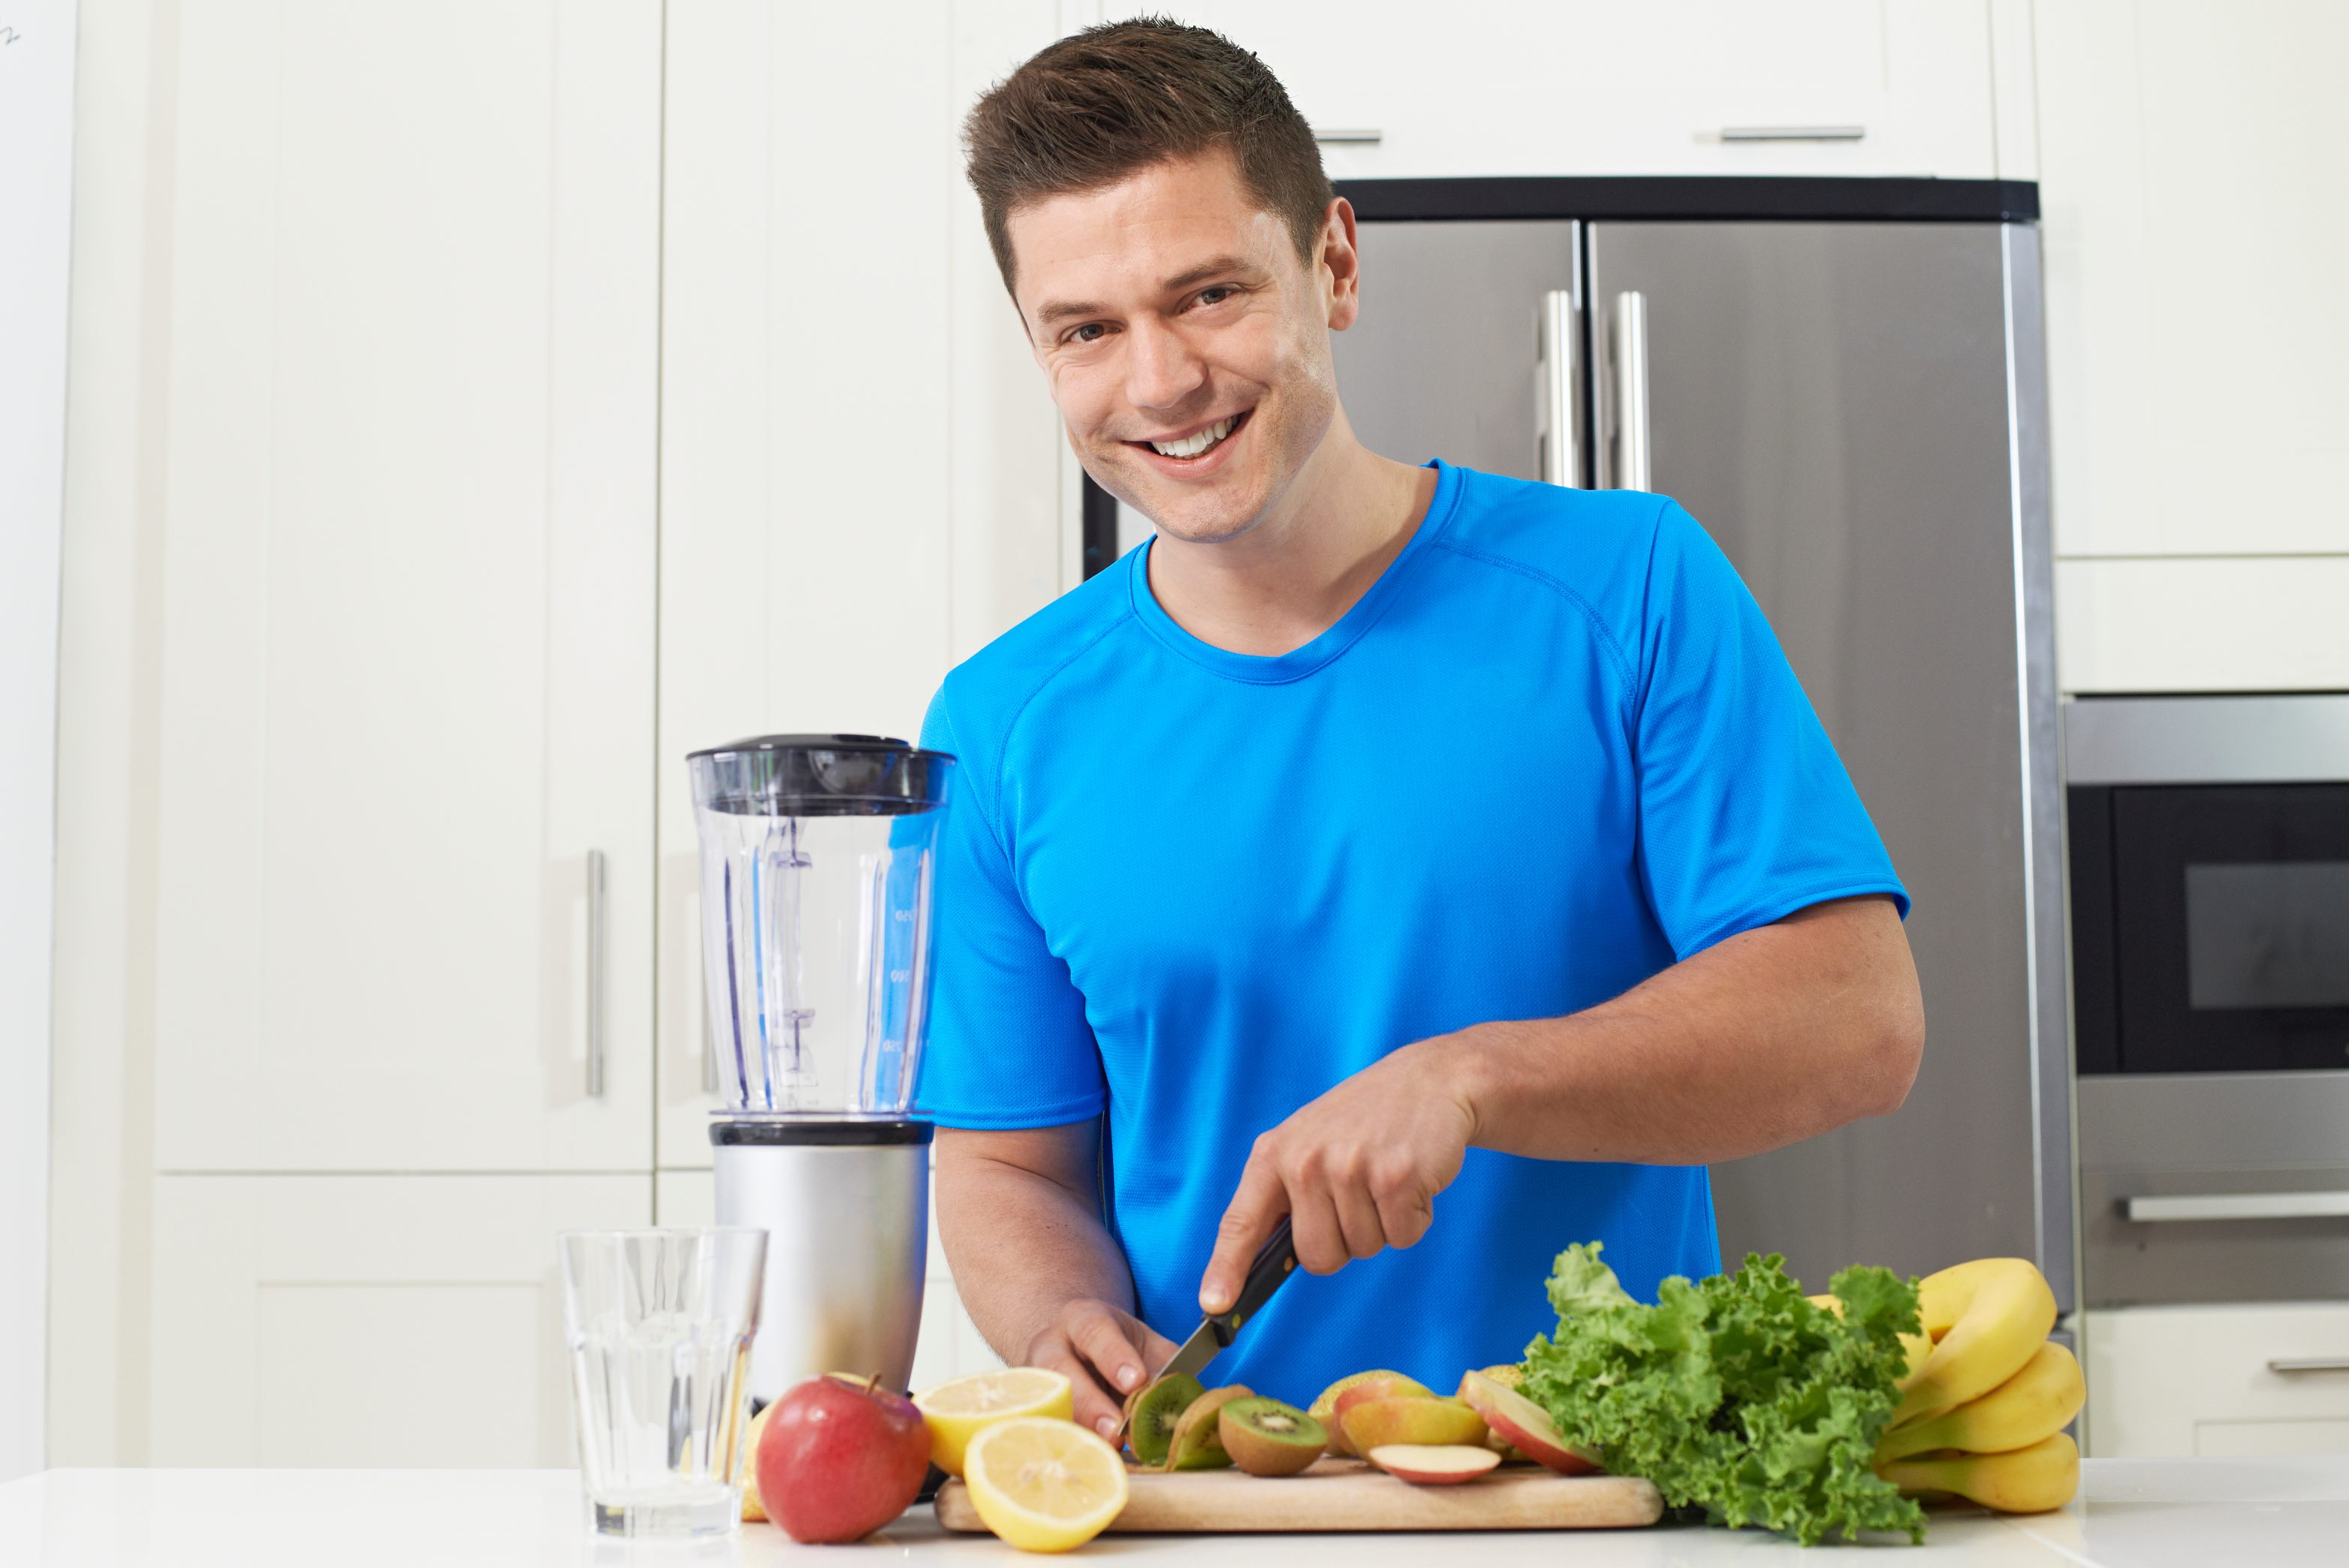 Die 6 besten Lebensmittel nach einem Trainingslauf